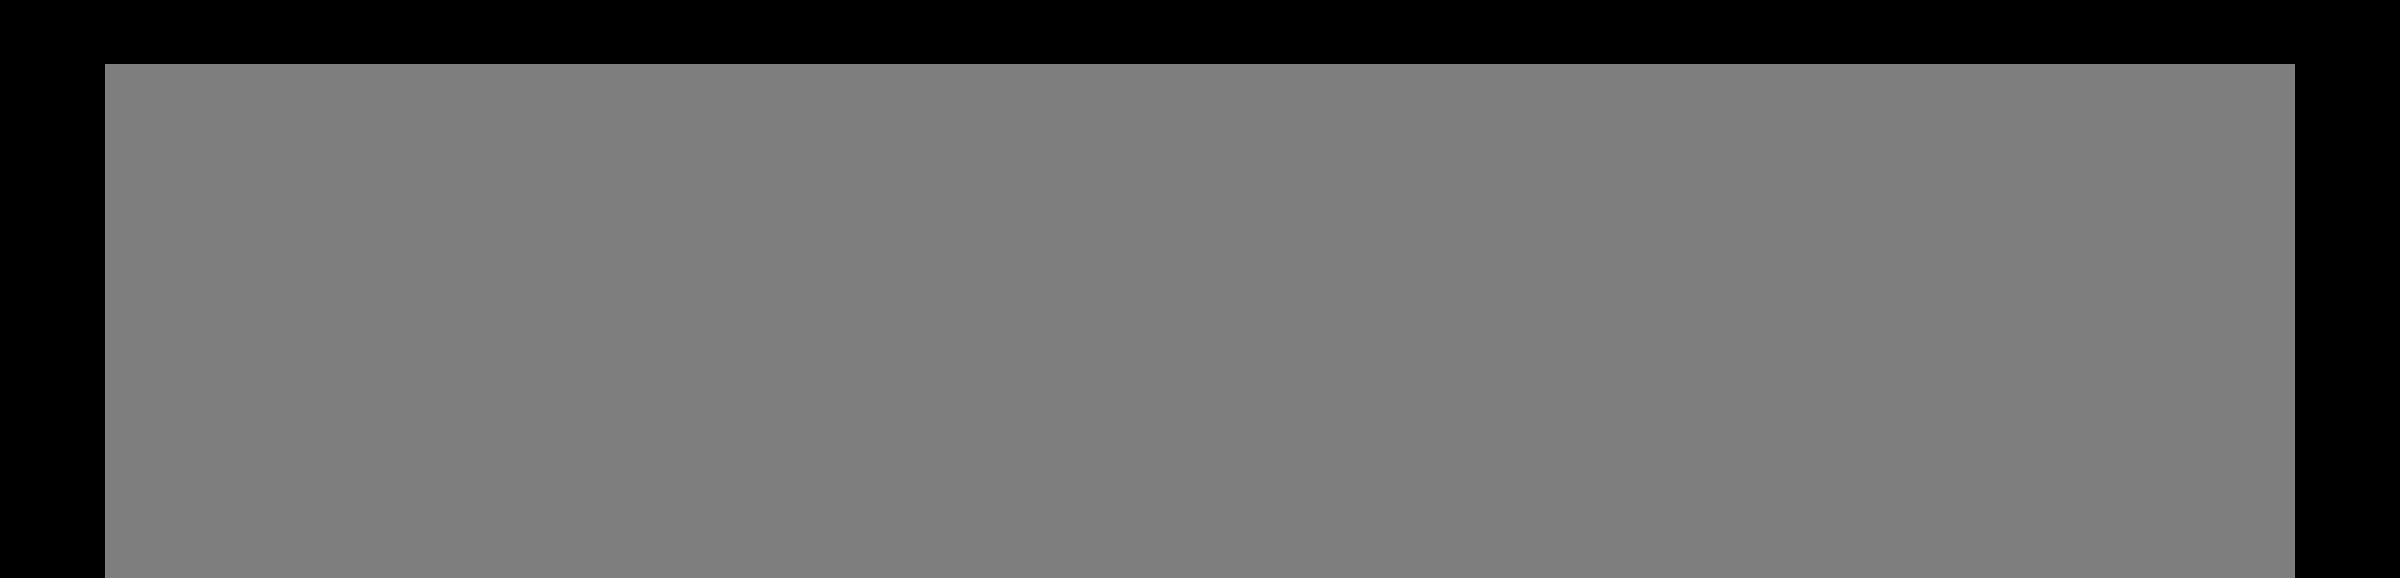 John Lewis logo white